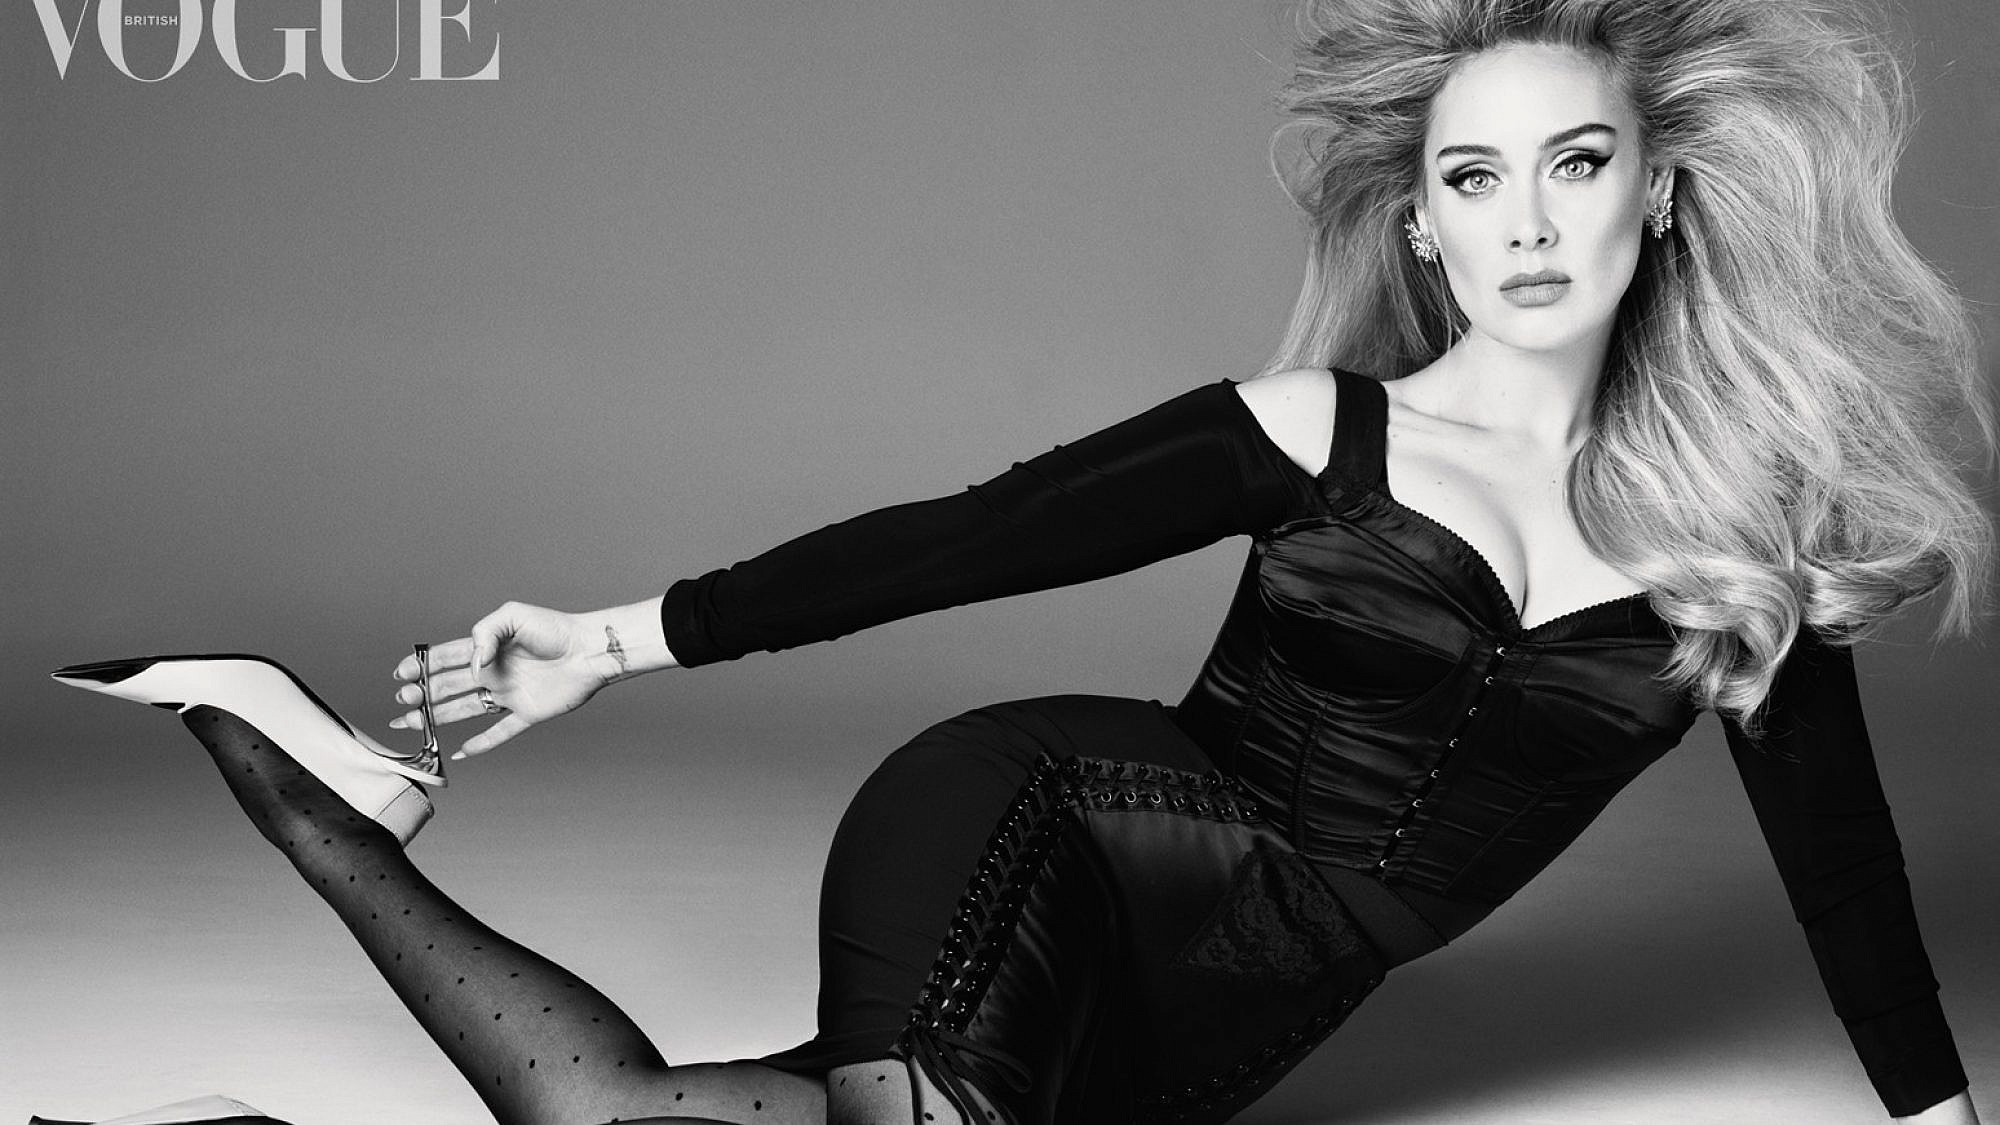 אדל. מתוך הקאבר של ווג. קרדיט: Steven Meisel, British Vogue